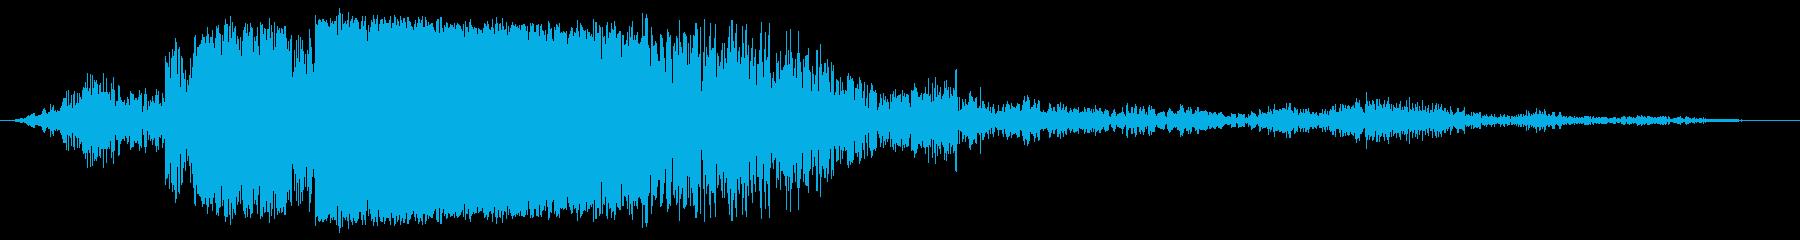 クラッシュメタルリップ、フォリーの再生済みの波形